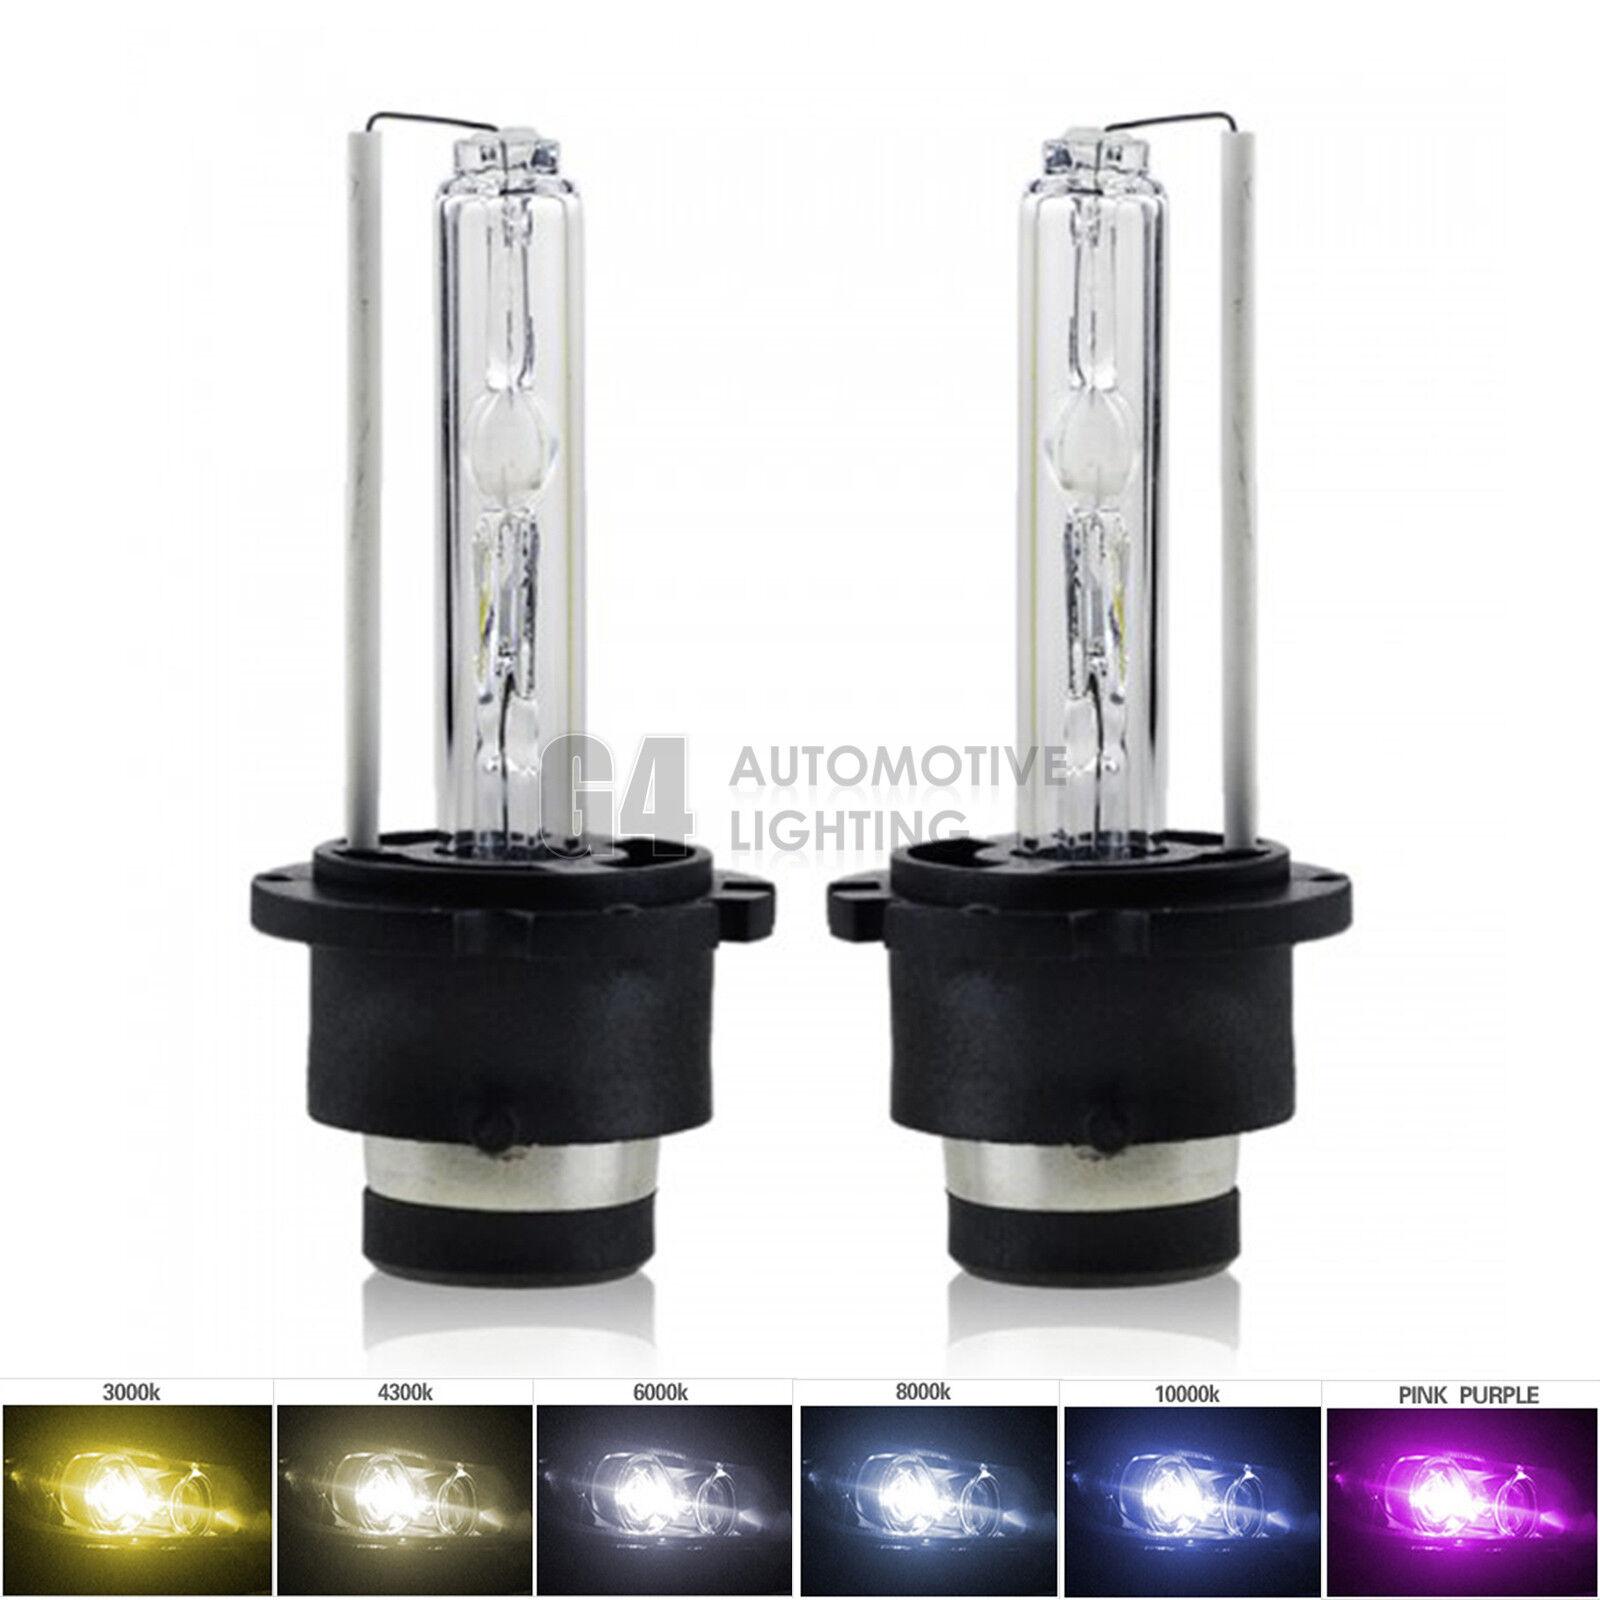 O-NEX 2x XENON H11 H9 H8 HID Bulbs AC 35W Headlight Replacement High Bright 10000K Deep Blue